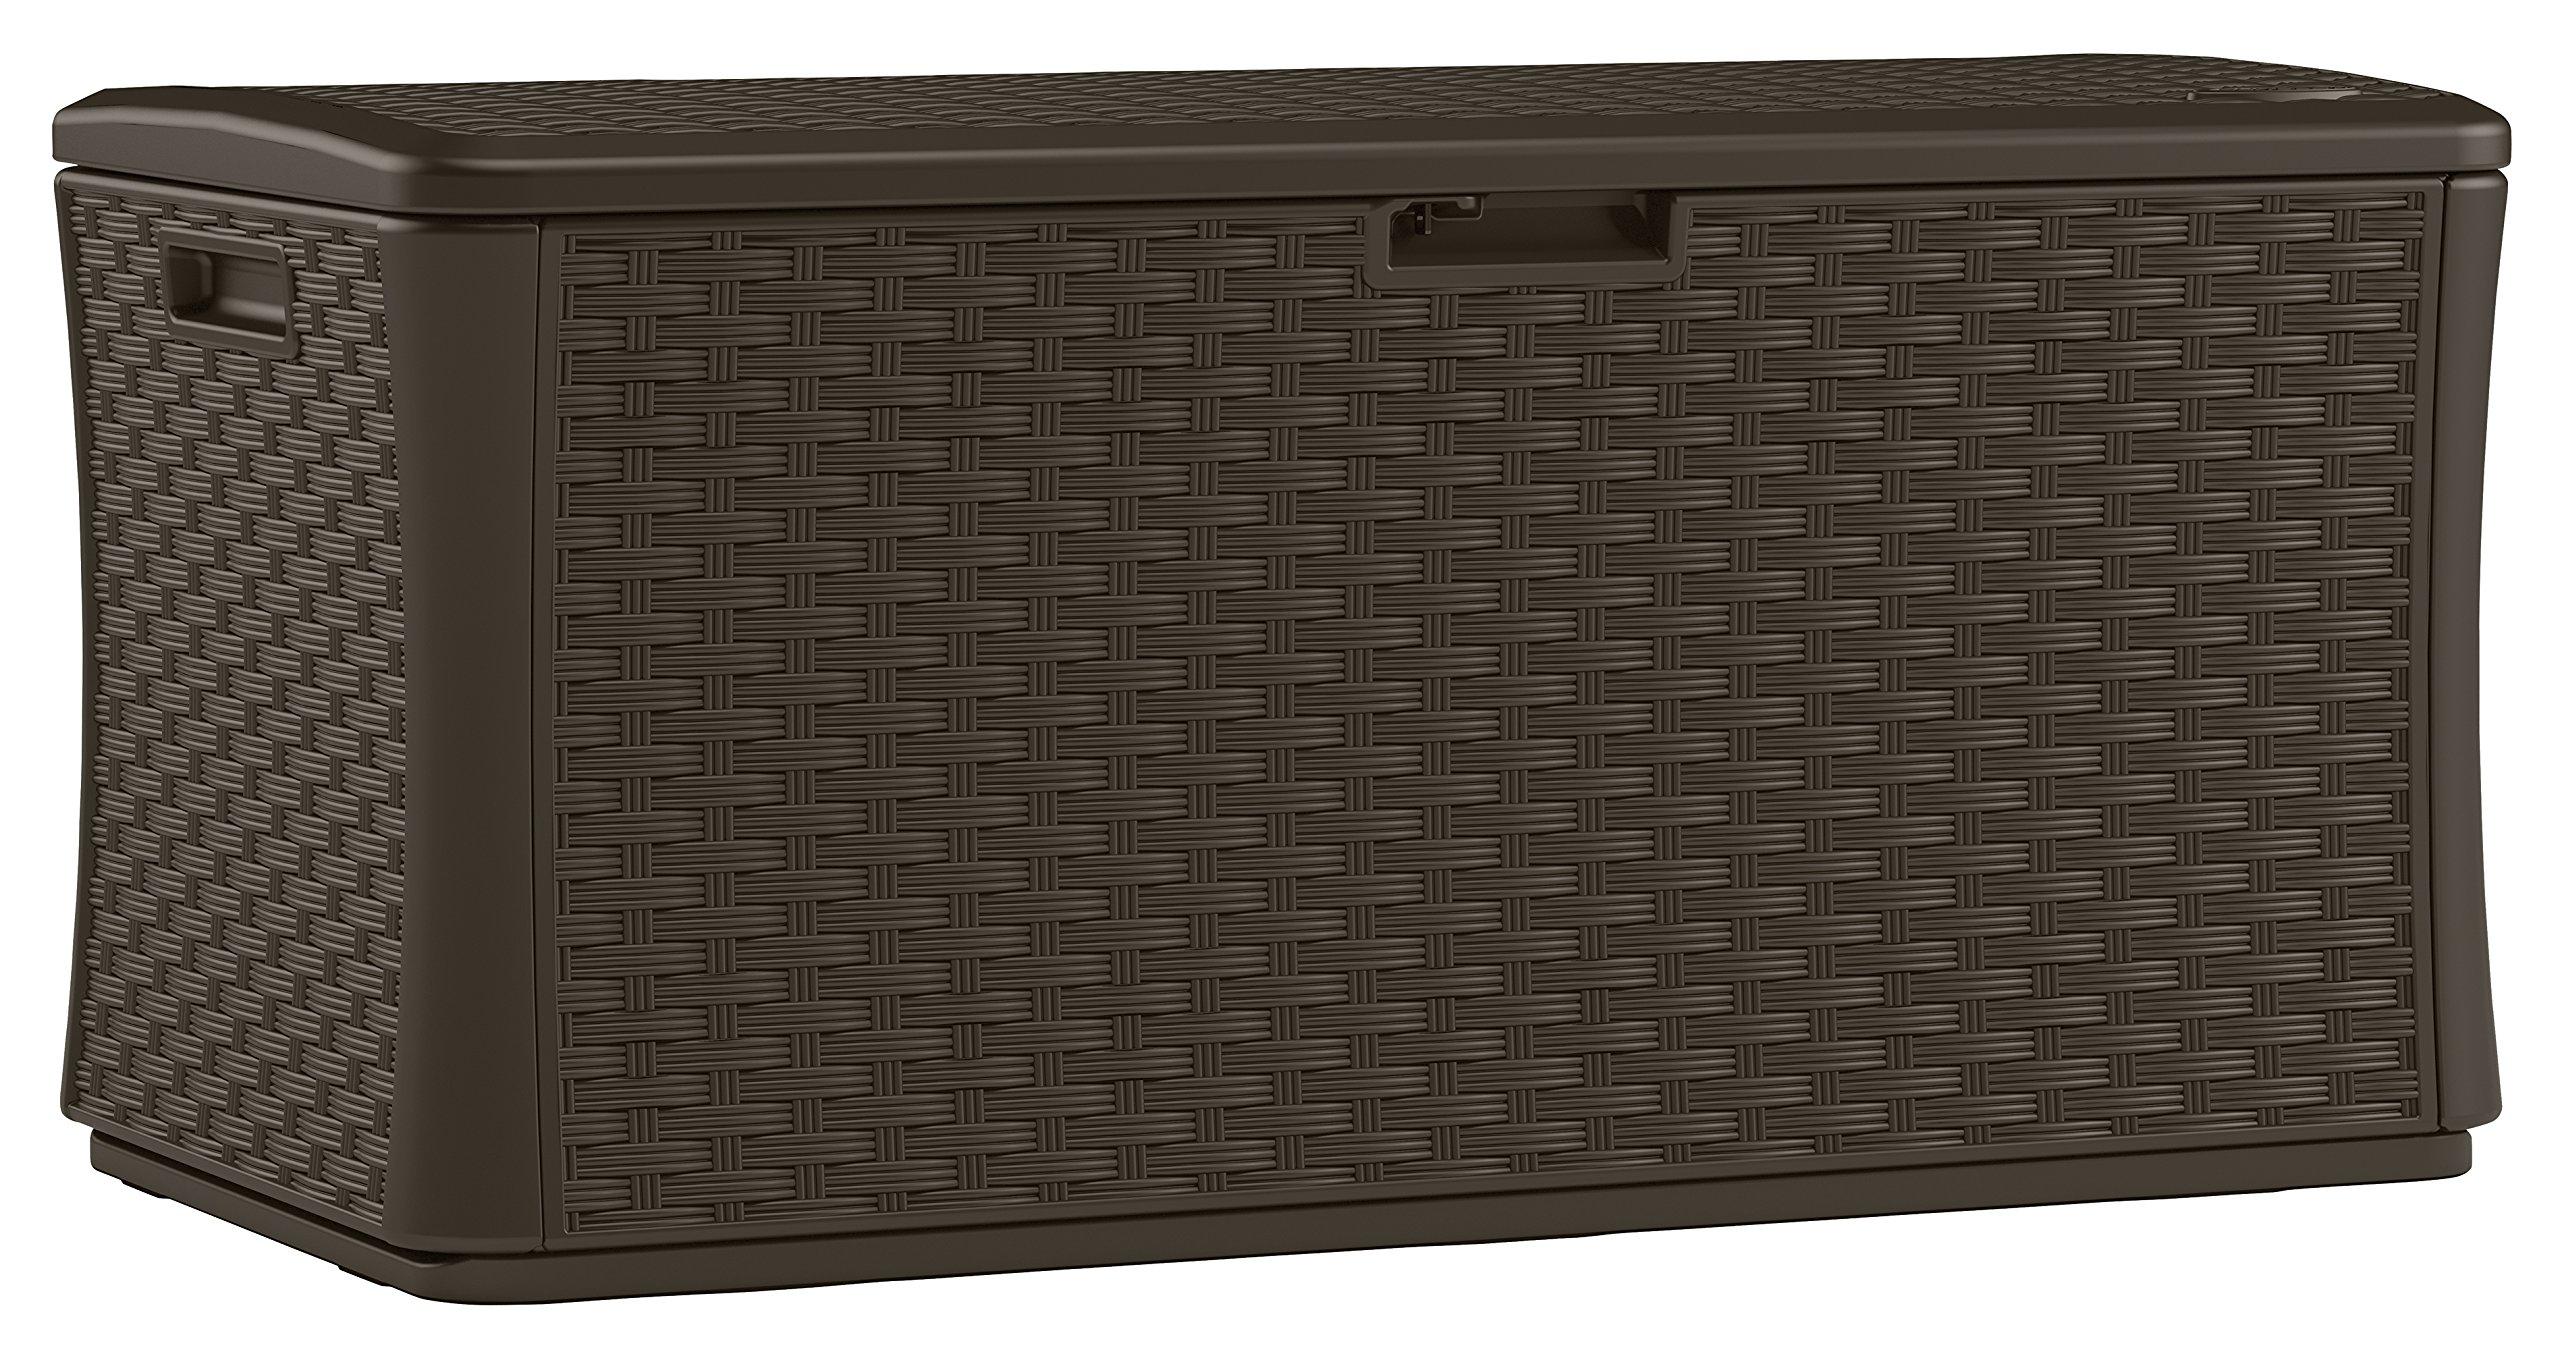 Suncast BMDB134004 Wicker Resin Deck Box, 134 gallon